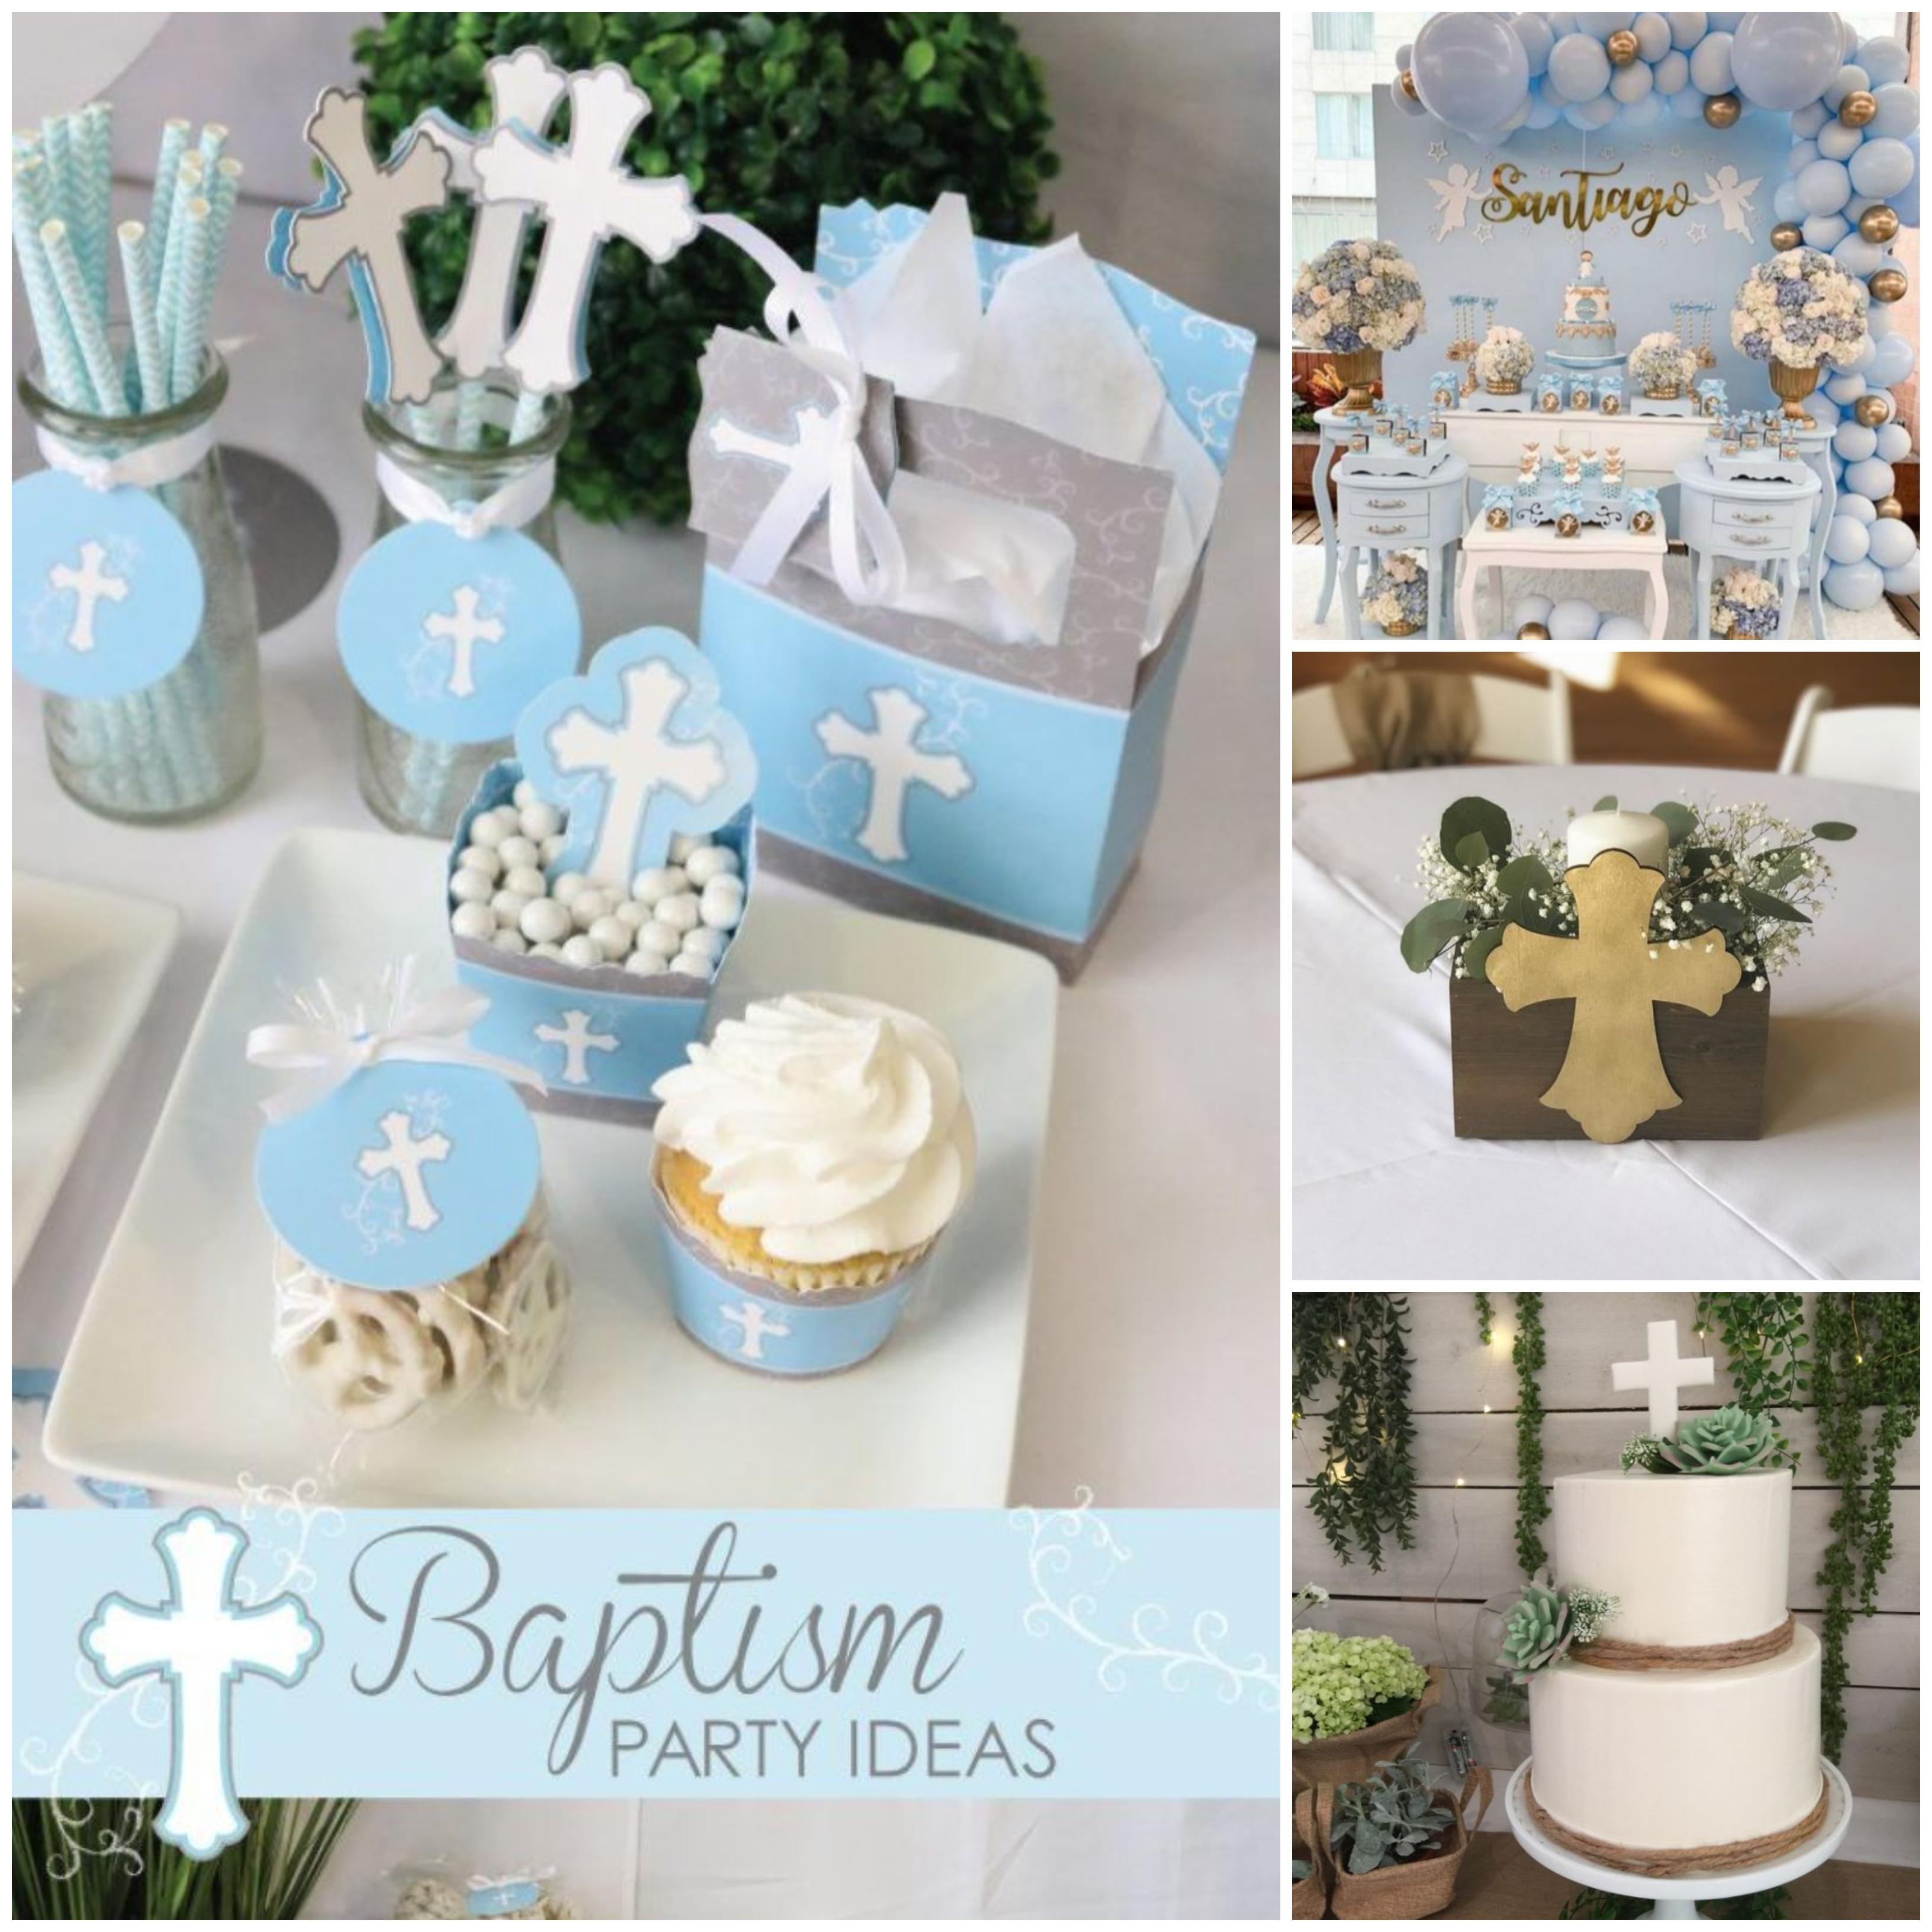 taufdeko ideen in einem bild mehrere vorschläge für taufparty sammeln, muffins in weiß und blau, torte, tischdeko